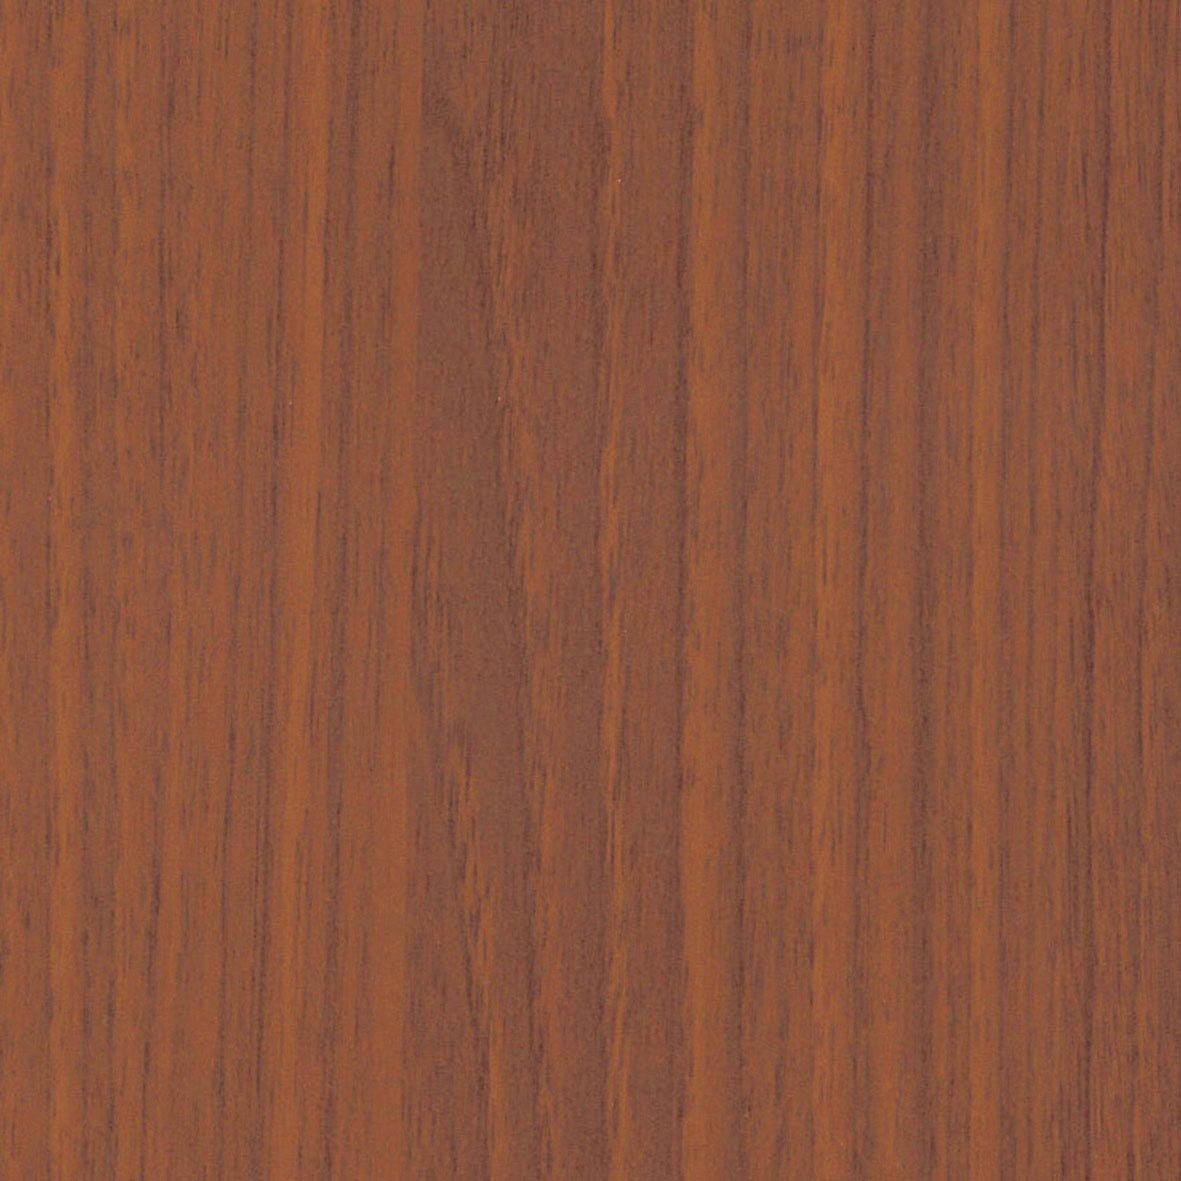 リリカラ 壁紙34m ナチュラル 木目調 ブラウン Wood & Stone LW-2682 B07611WD1M 34m|ブラウン2